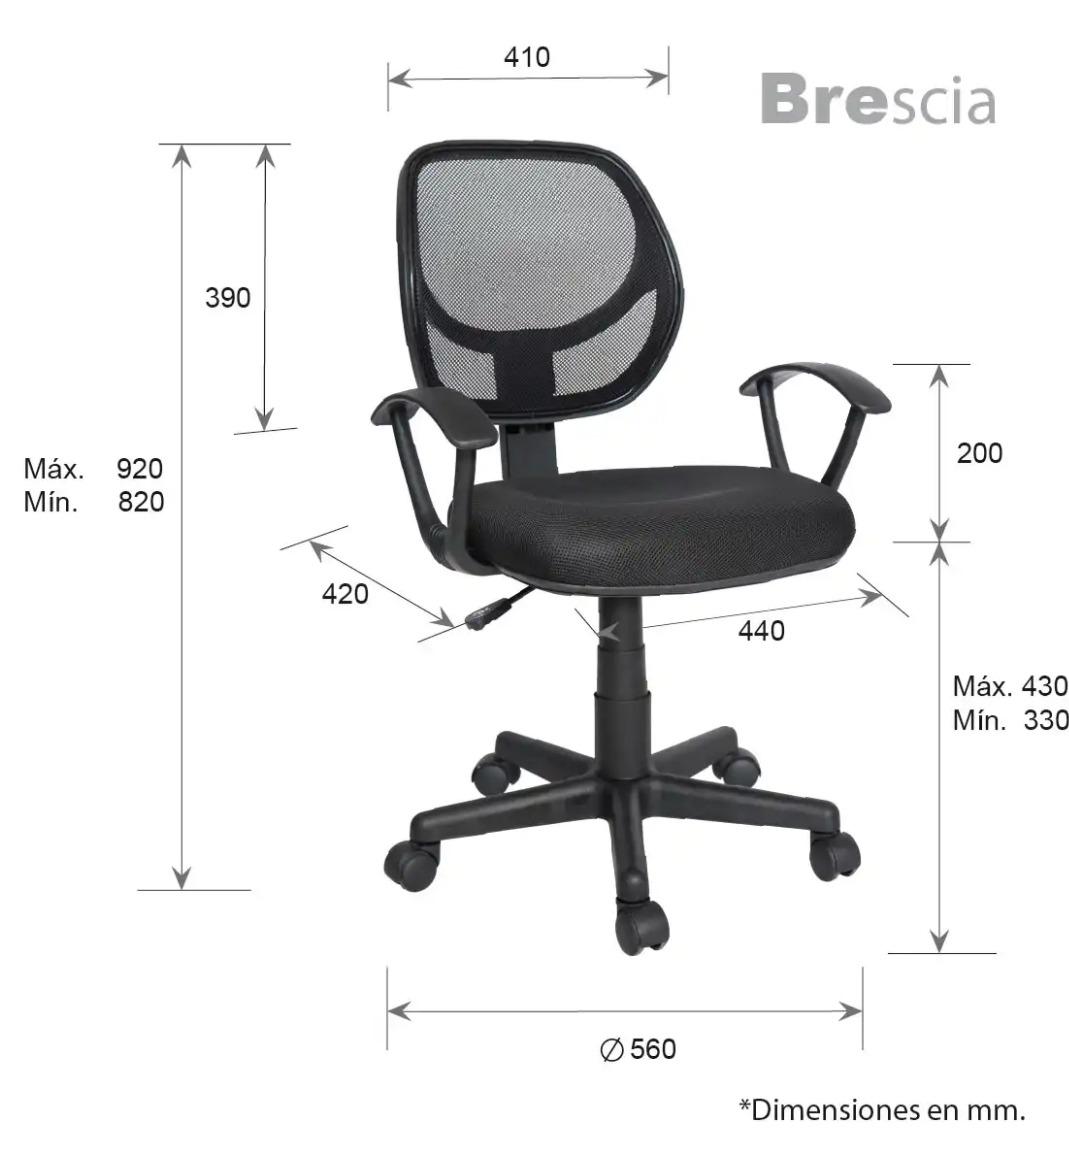 Silla Secretarial Operativa Respaldo Malla Ergonomica Bercia